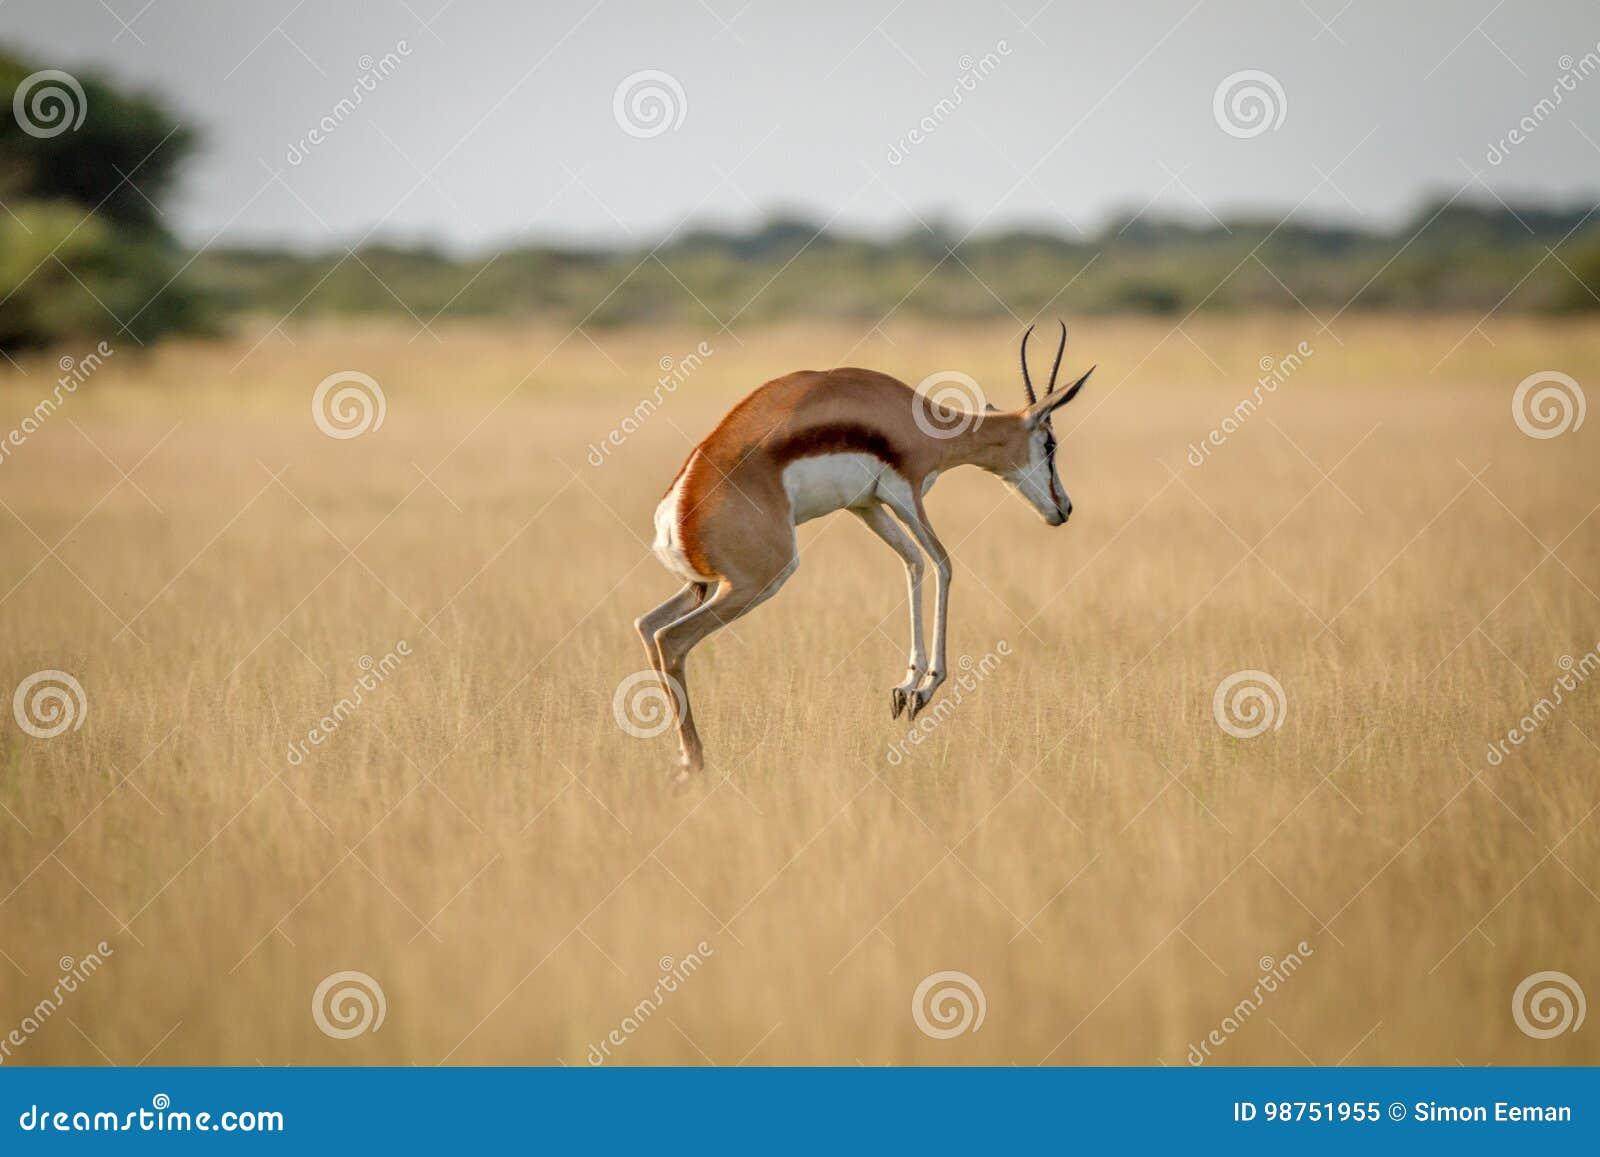 Springbok pronking dans l herbe